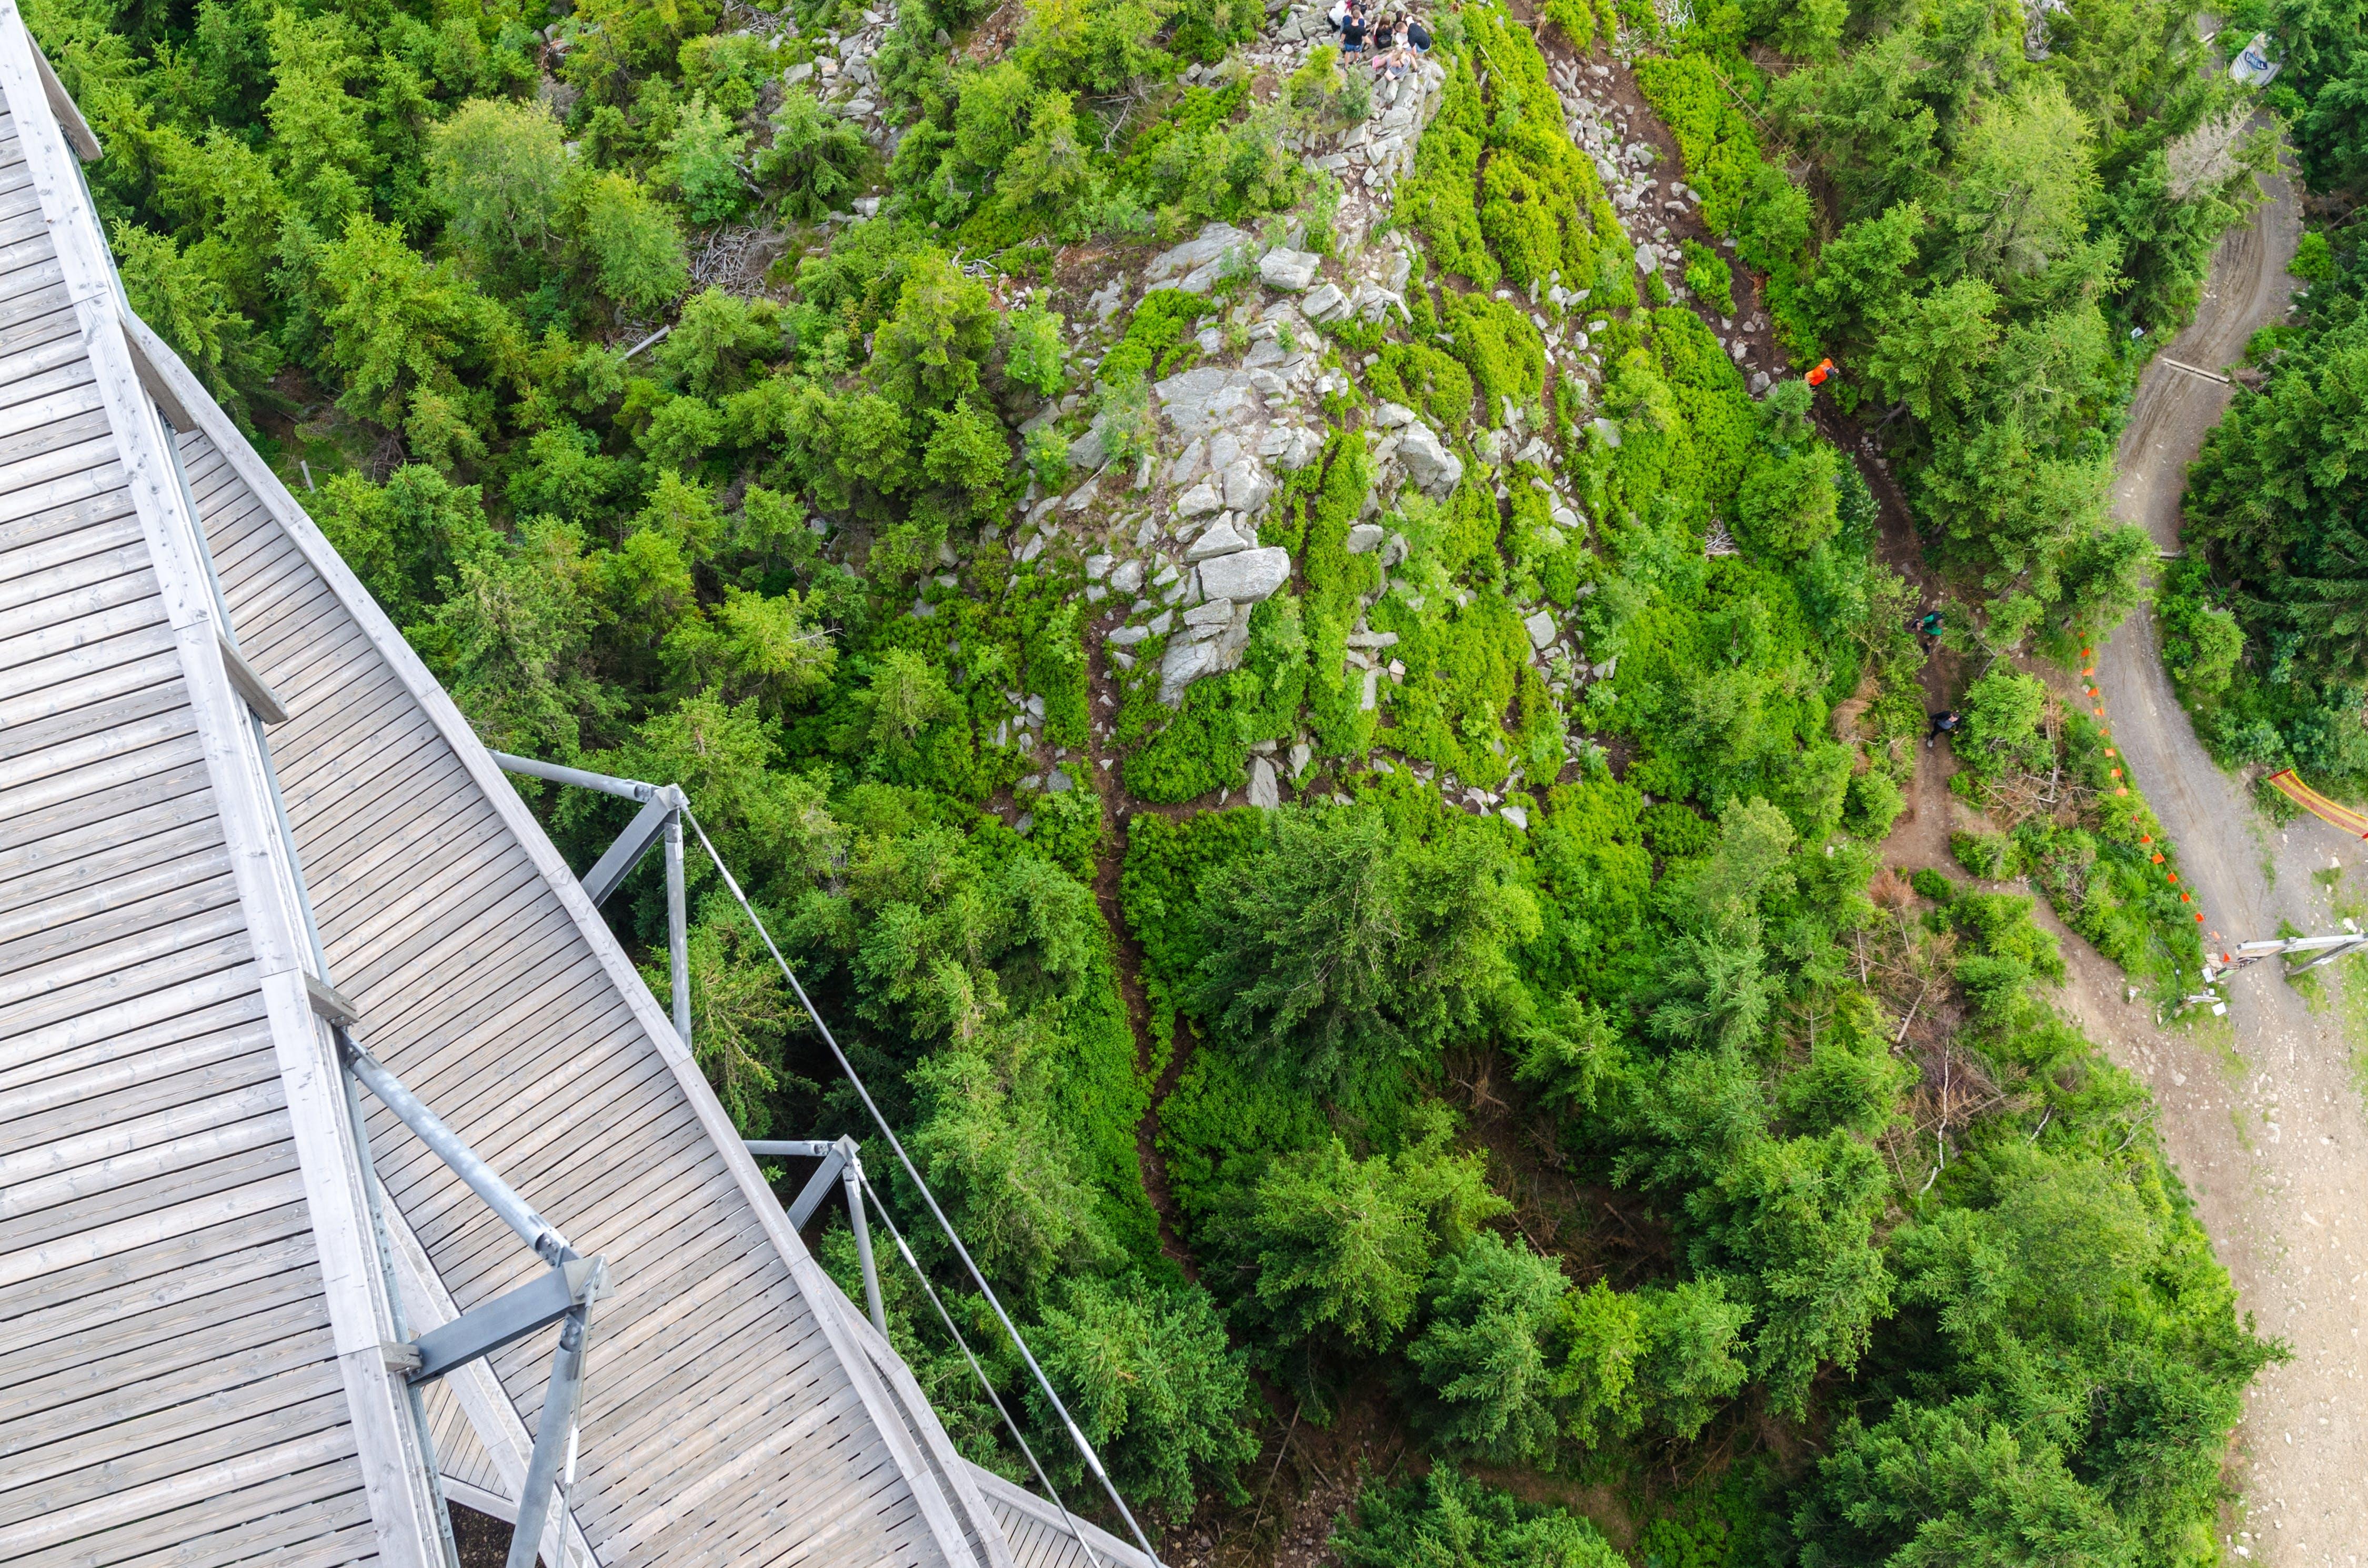 ağaçlar, doğa, havadan görünüş, kırsal içeren Ücretsiz stok fotoğraf